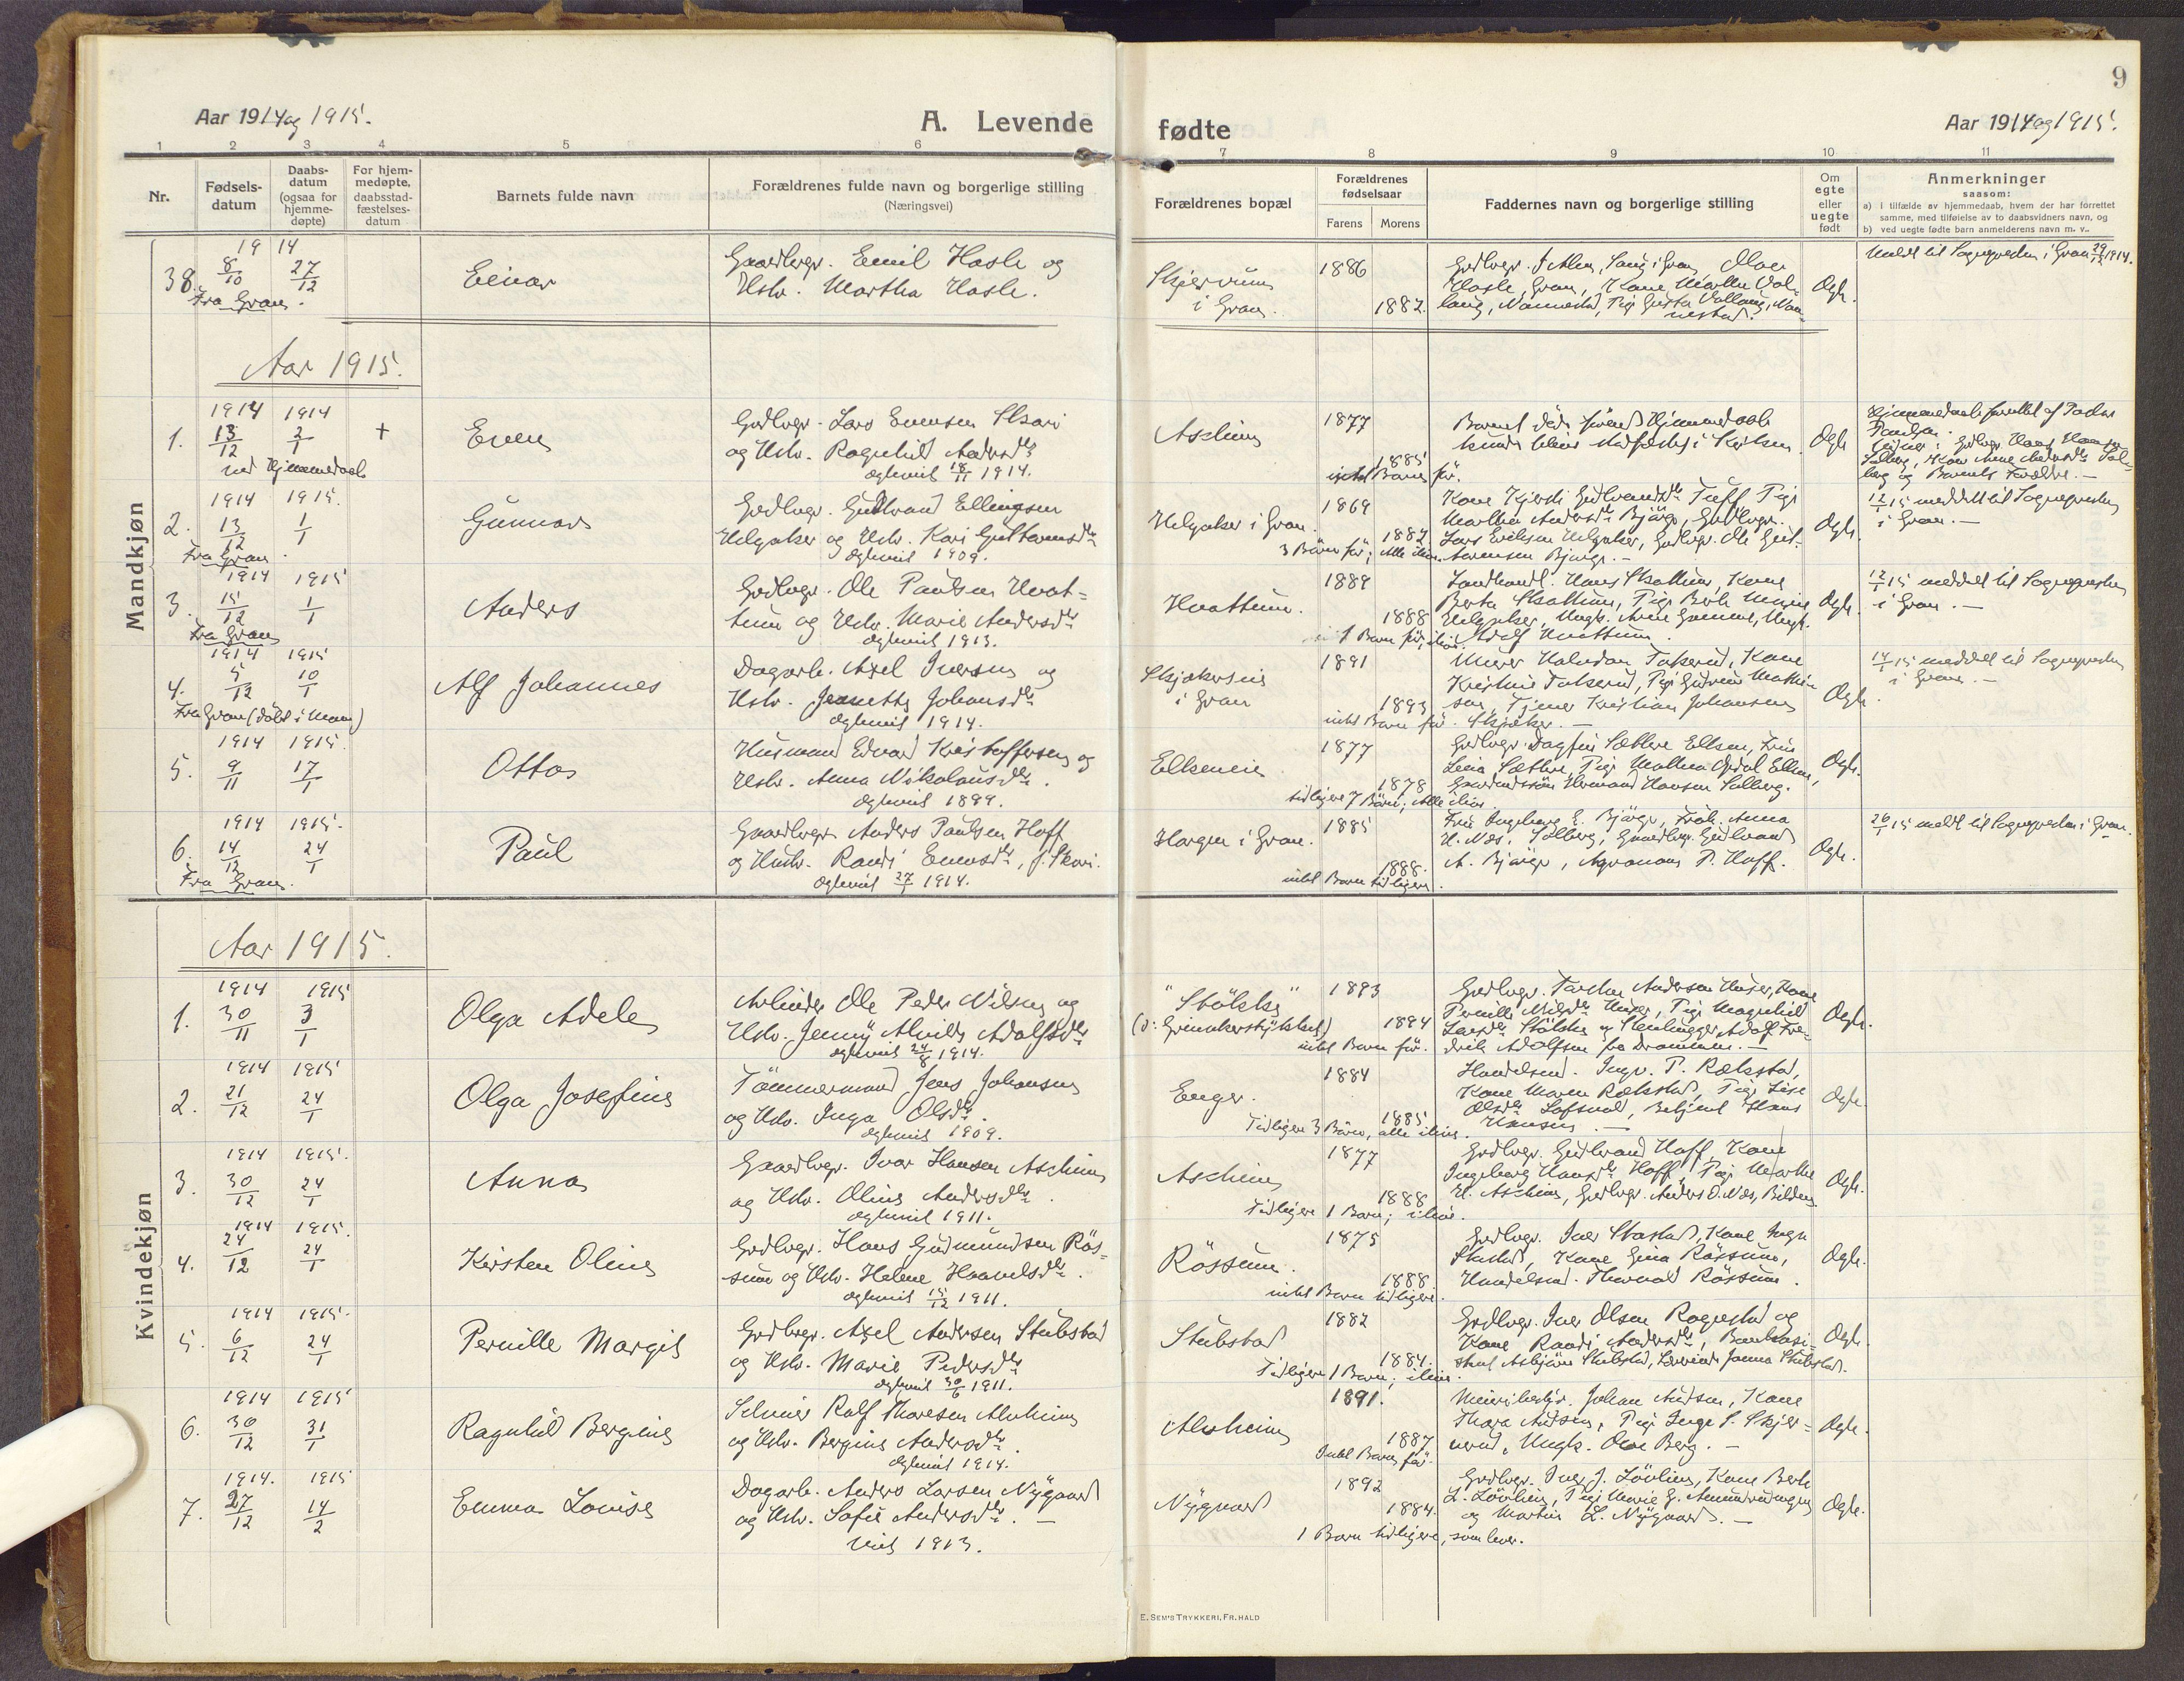 SAH, Brandbu prestekontor, Ministerialbok nr. 3, 1914-1928, s. 9